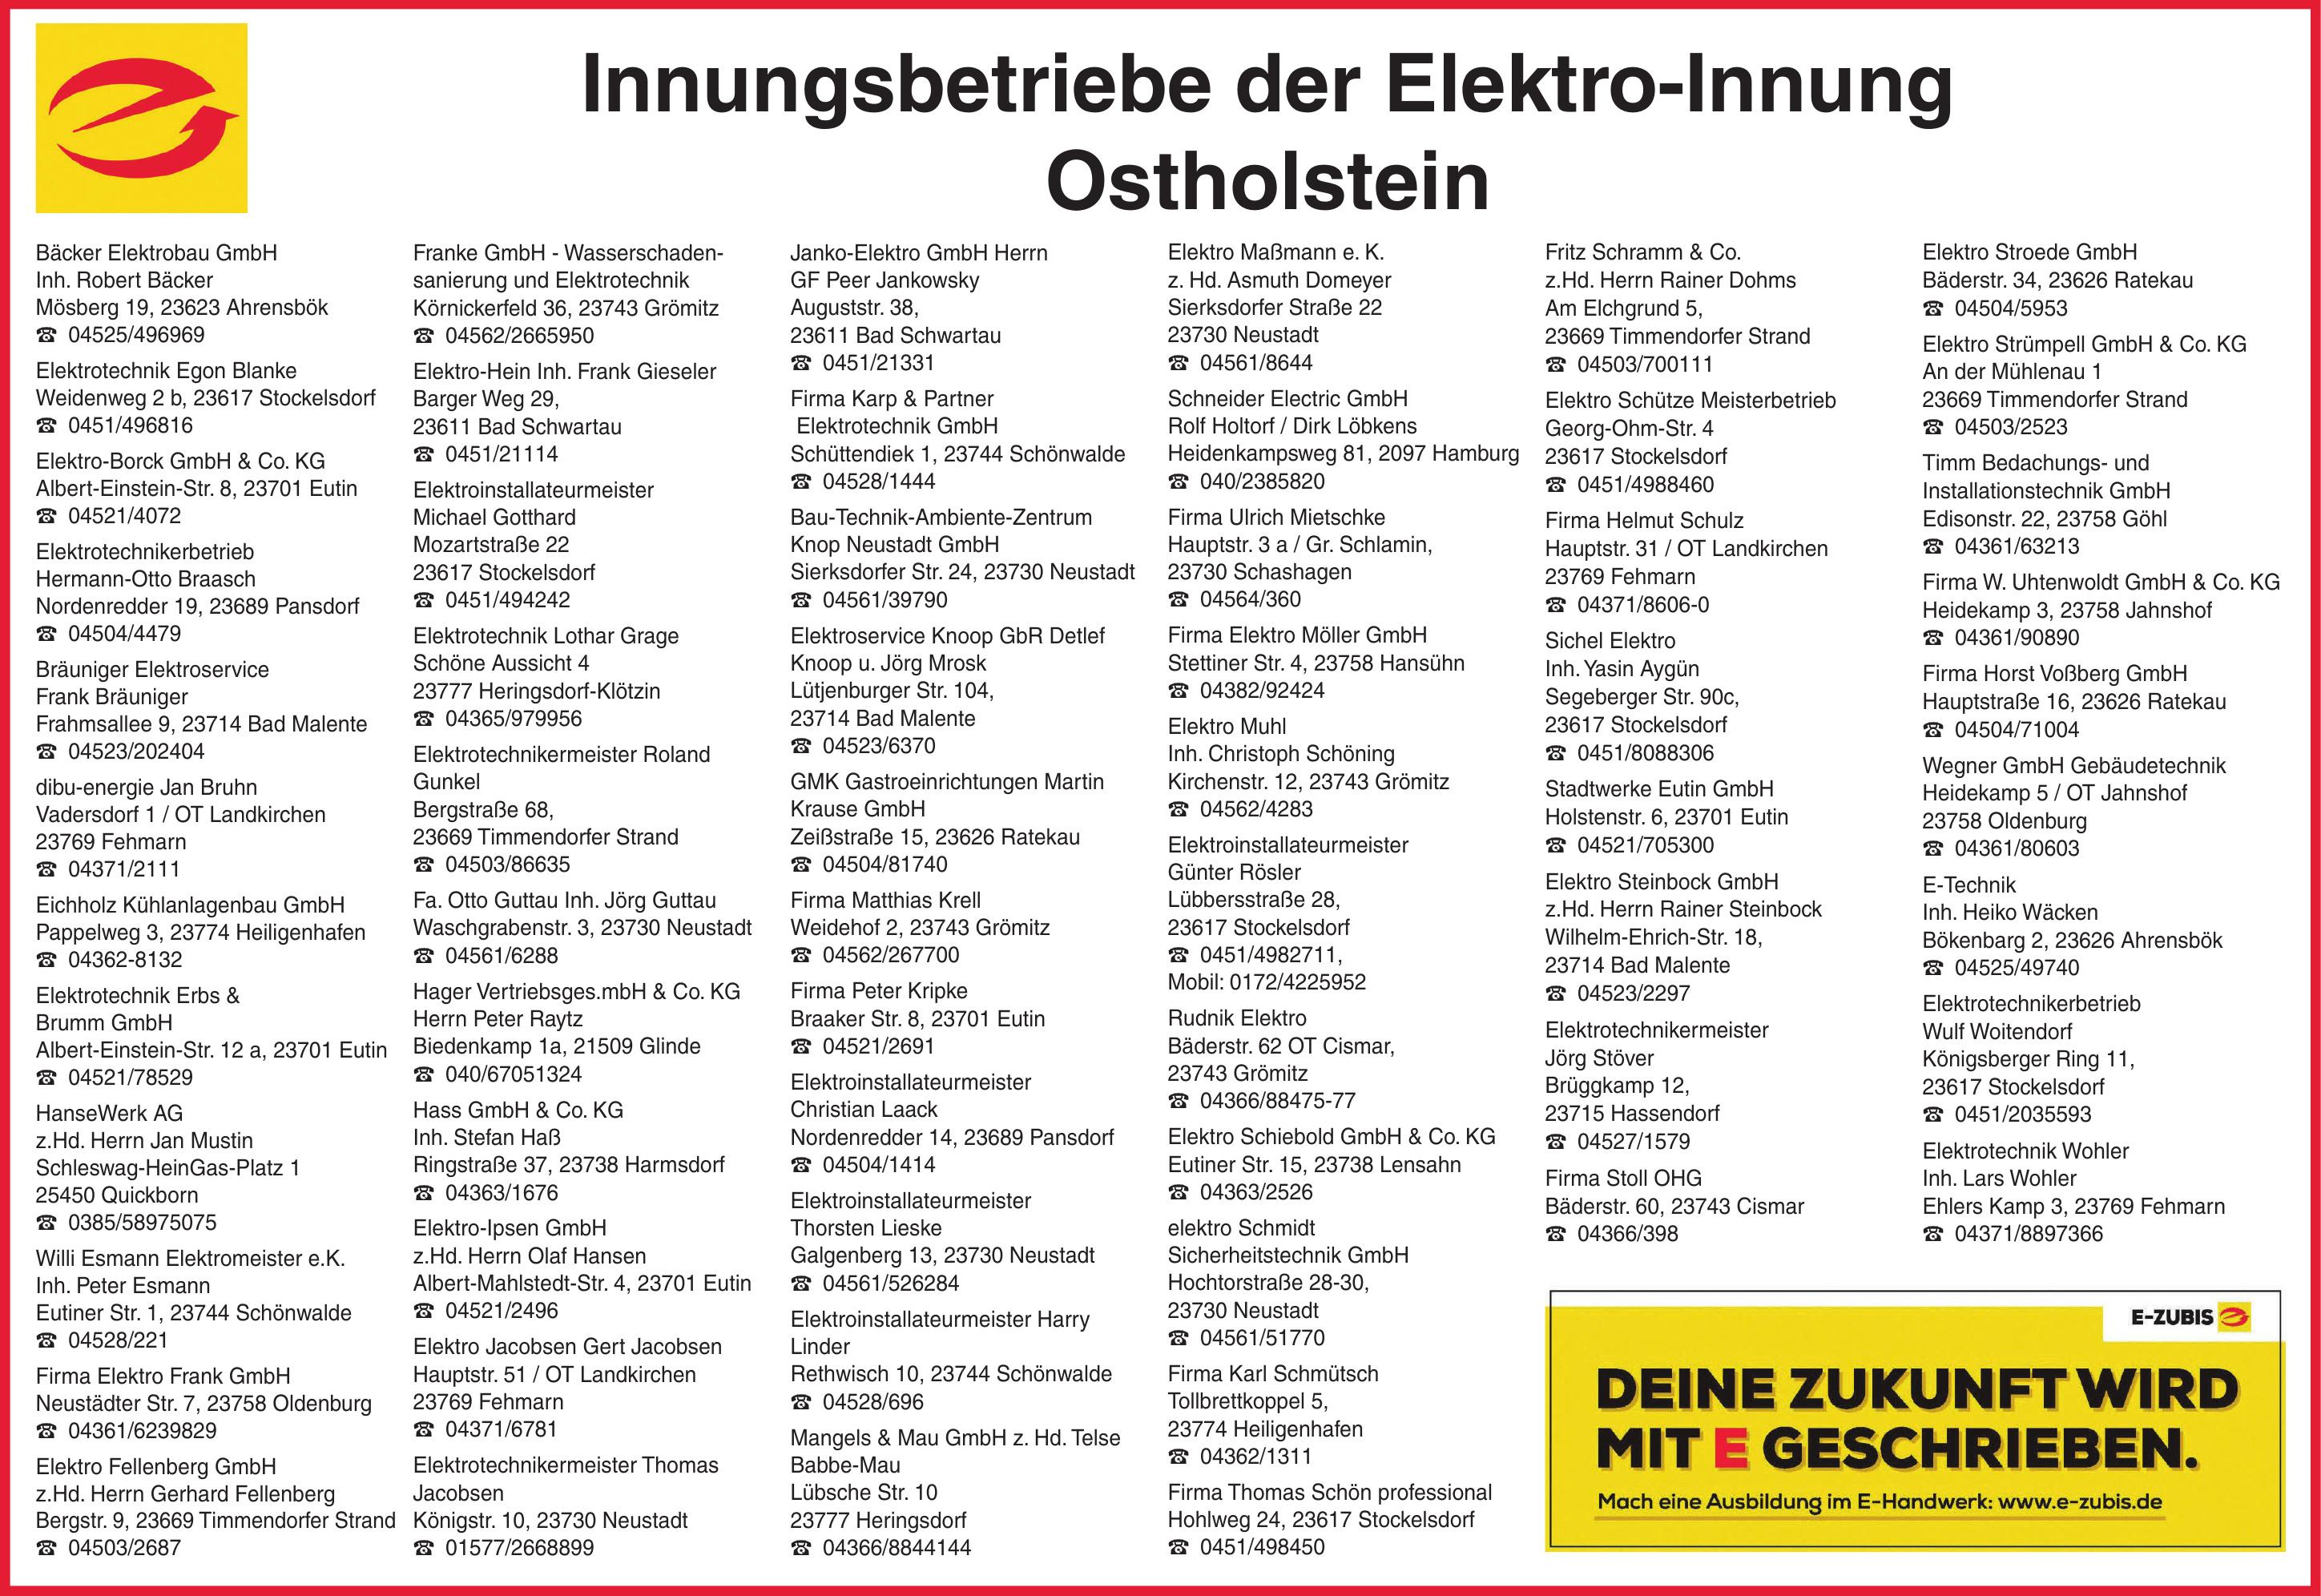 Innungsbetriebe der Elektro-Innung Ostholstein